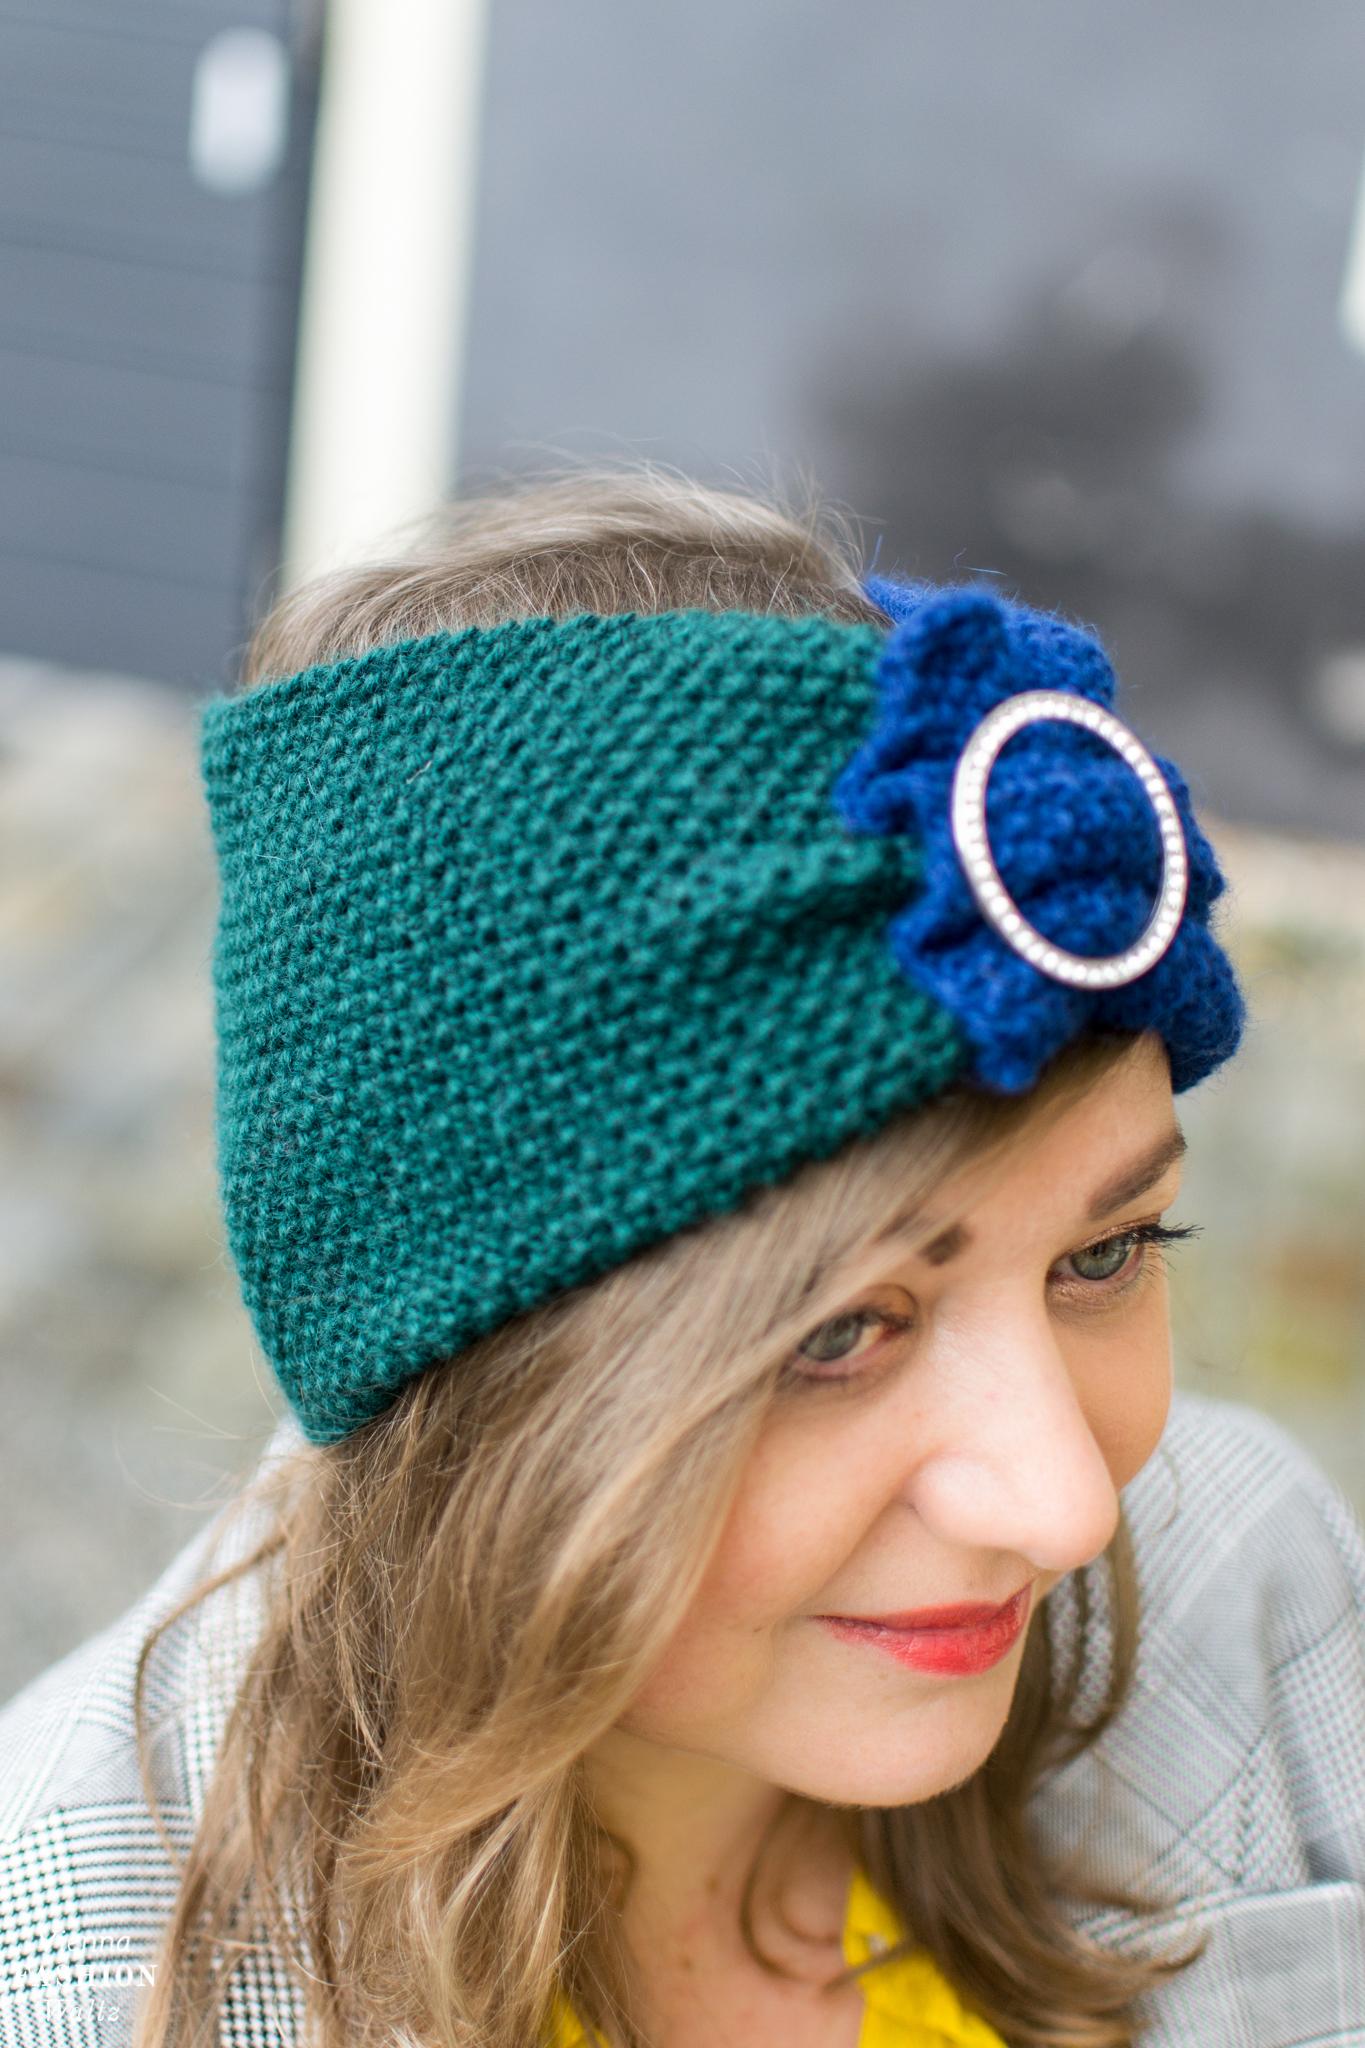 Schnelles Turban Stirnband stricken, kostenlose Strickanleitung, Stricken für Anfänger, Schnelle und einfache kreative Ideen!